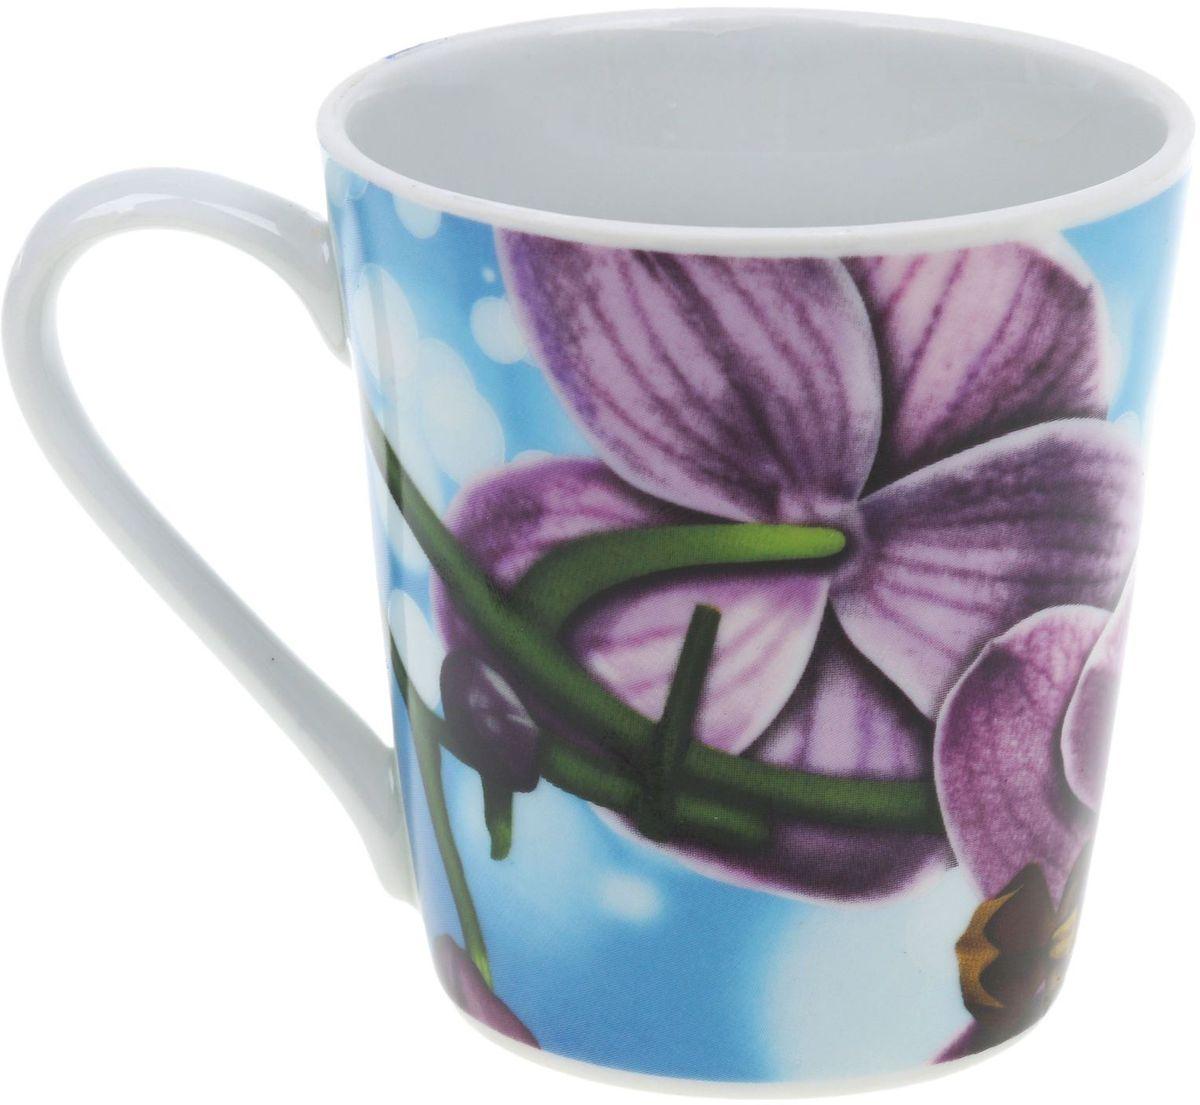 Кружка Классик. Орхидея, цвет: голубой, зеленый, фиолетовый, 300 мл391602Кружка Классик. Орхидея изготовлена из высококачественного фарфора. Изделие оформлено красочным цветочным рисунком и покрыто превосходной сверкающей глазурью. Изысканная кружка прекрасно оформит стол к чаепитию и станет его неизменным атрибутом.Диаметр кружки (по верхнему краю): 8,5 см.Высота стенок: 9,5 см.